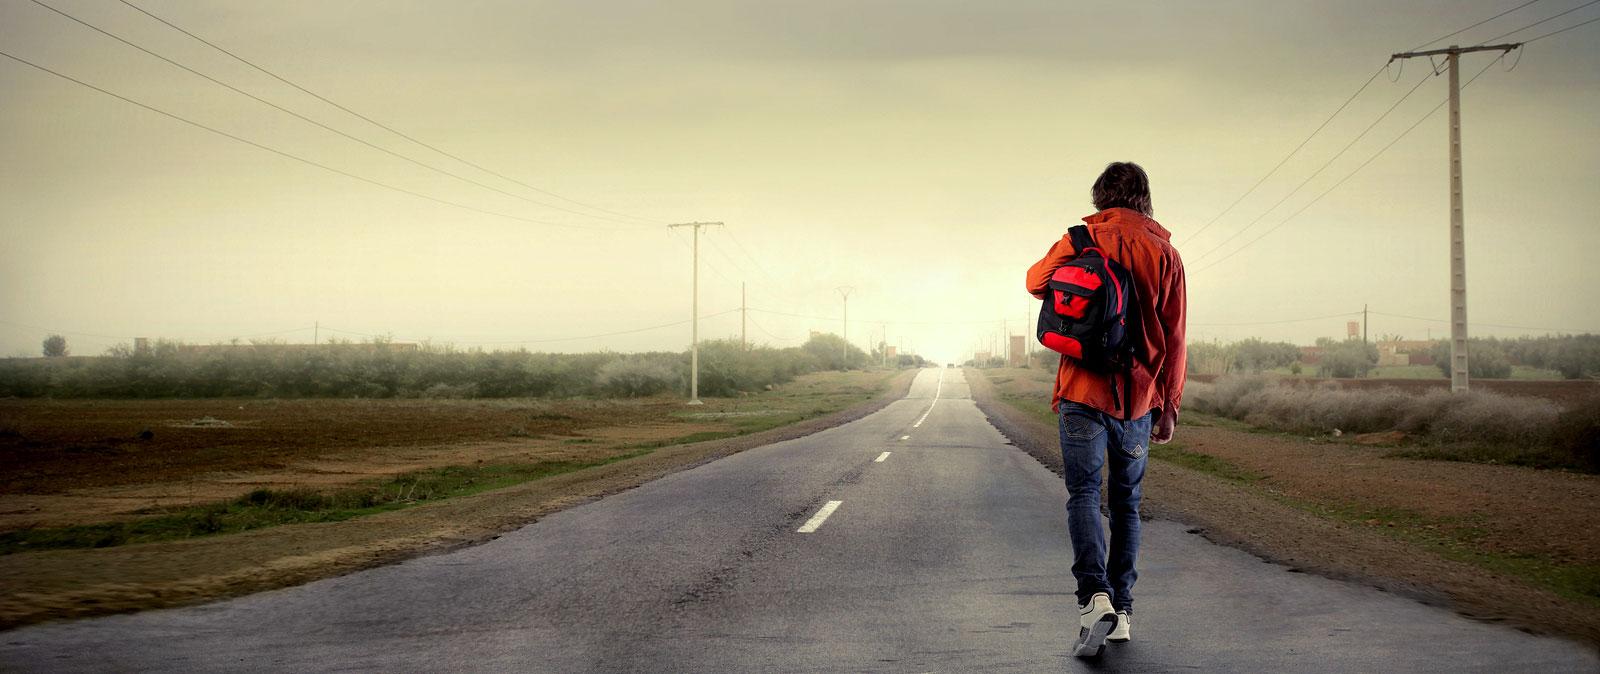 youngmanwalking.jpg